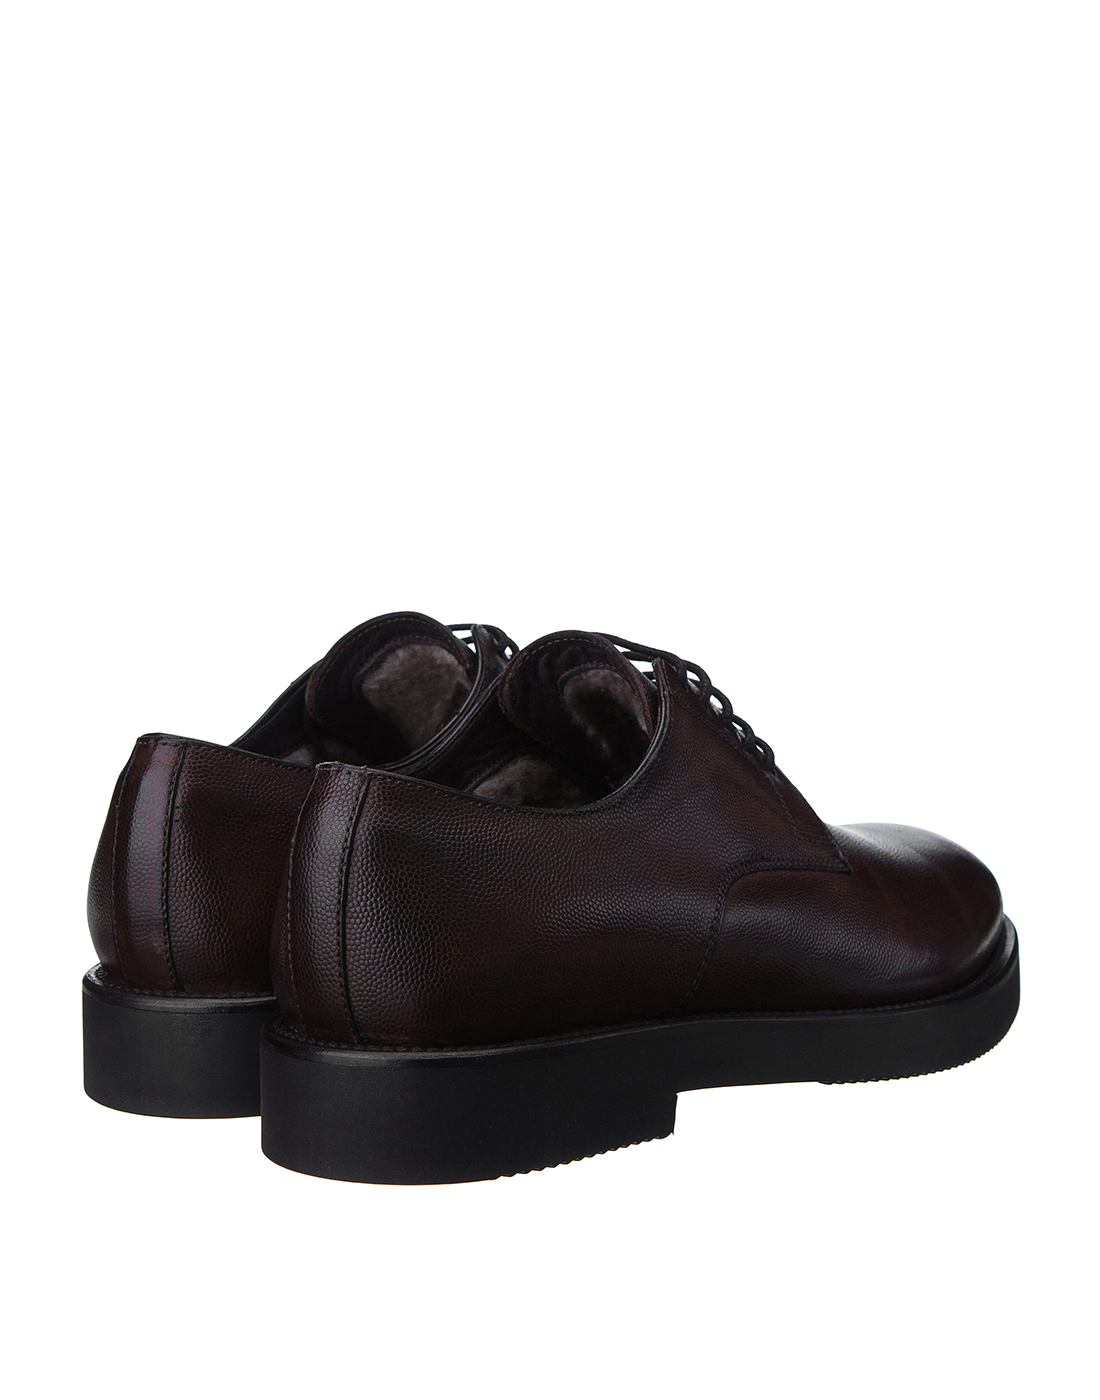 Туфли коричневые мужские Brecos S8109-3